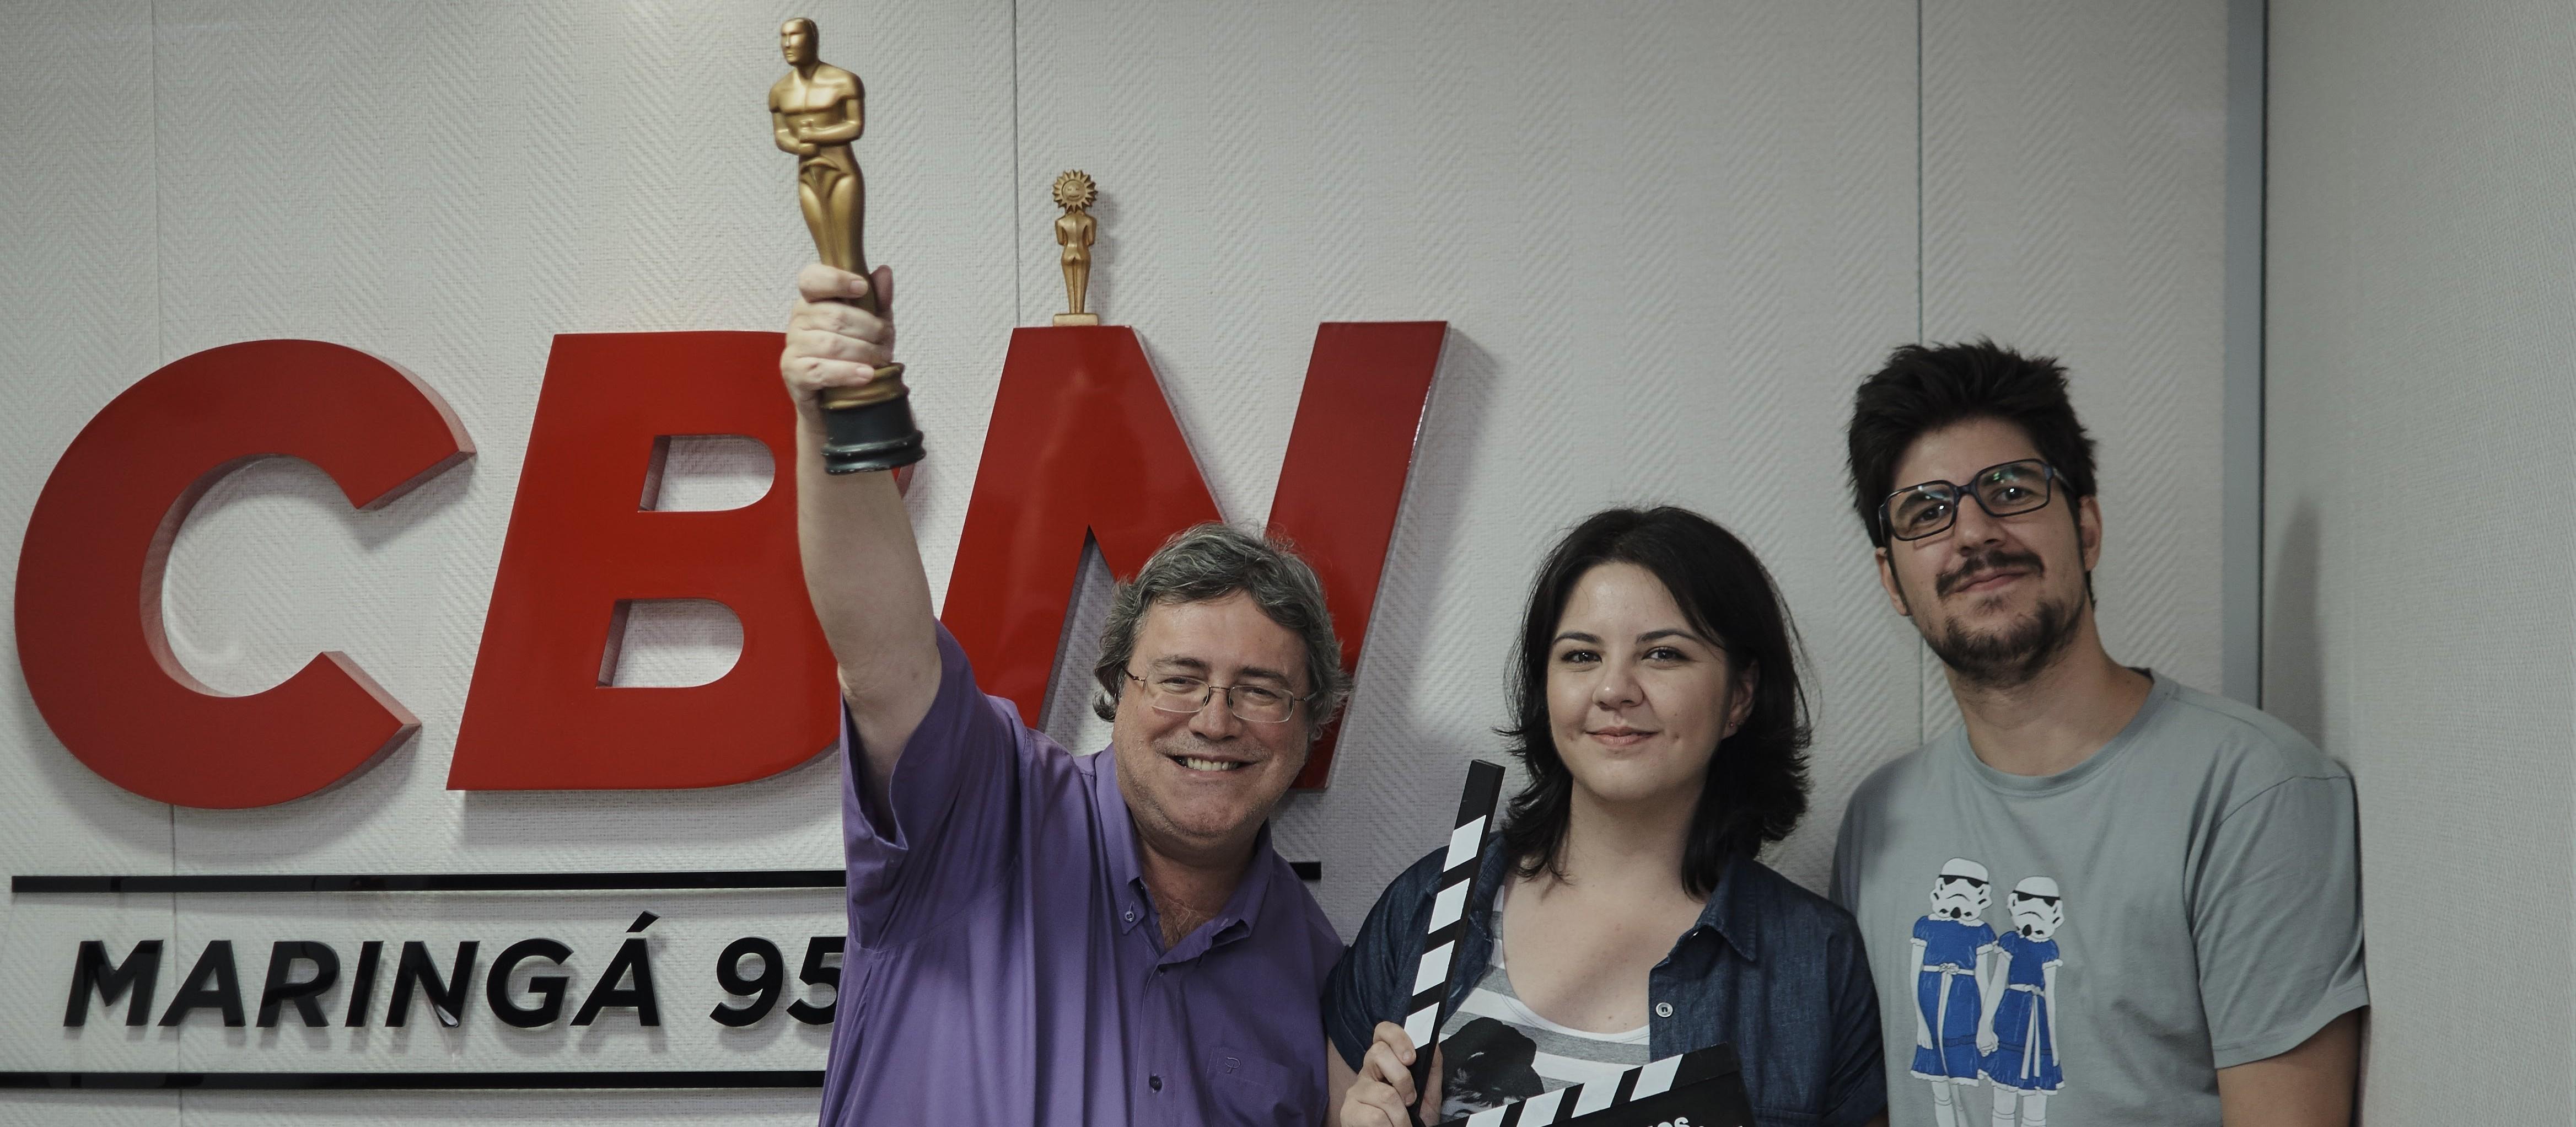 Filmes que tratam a temática LGBT